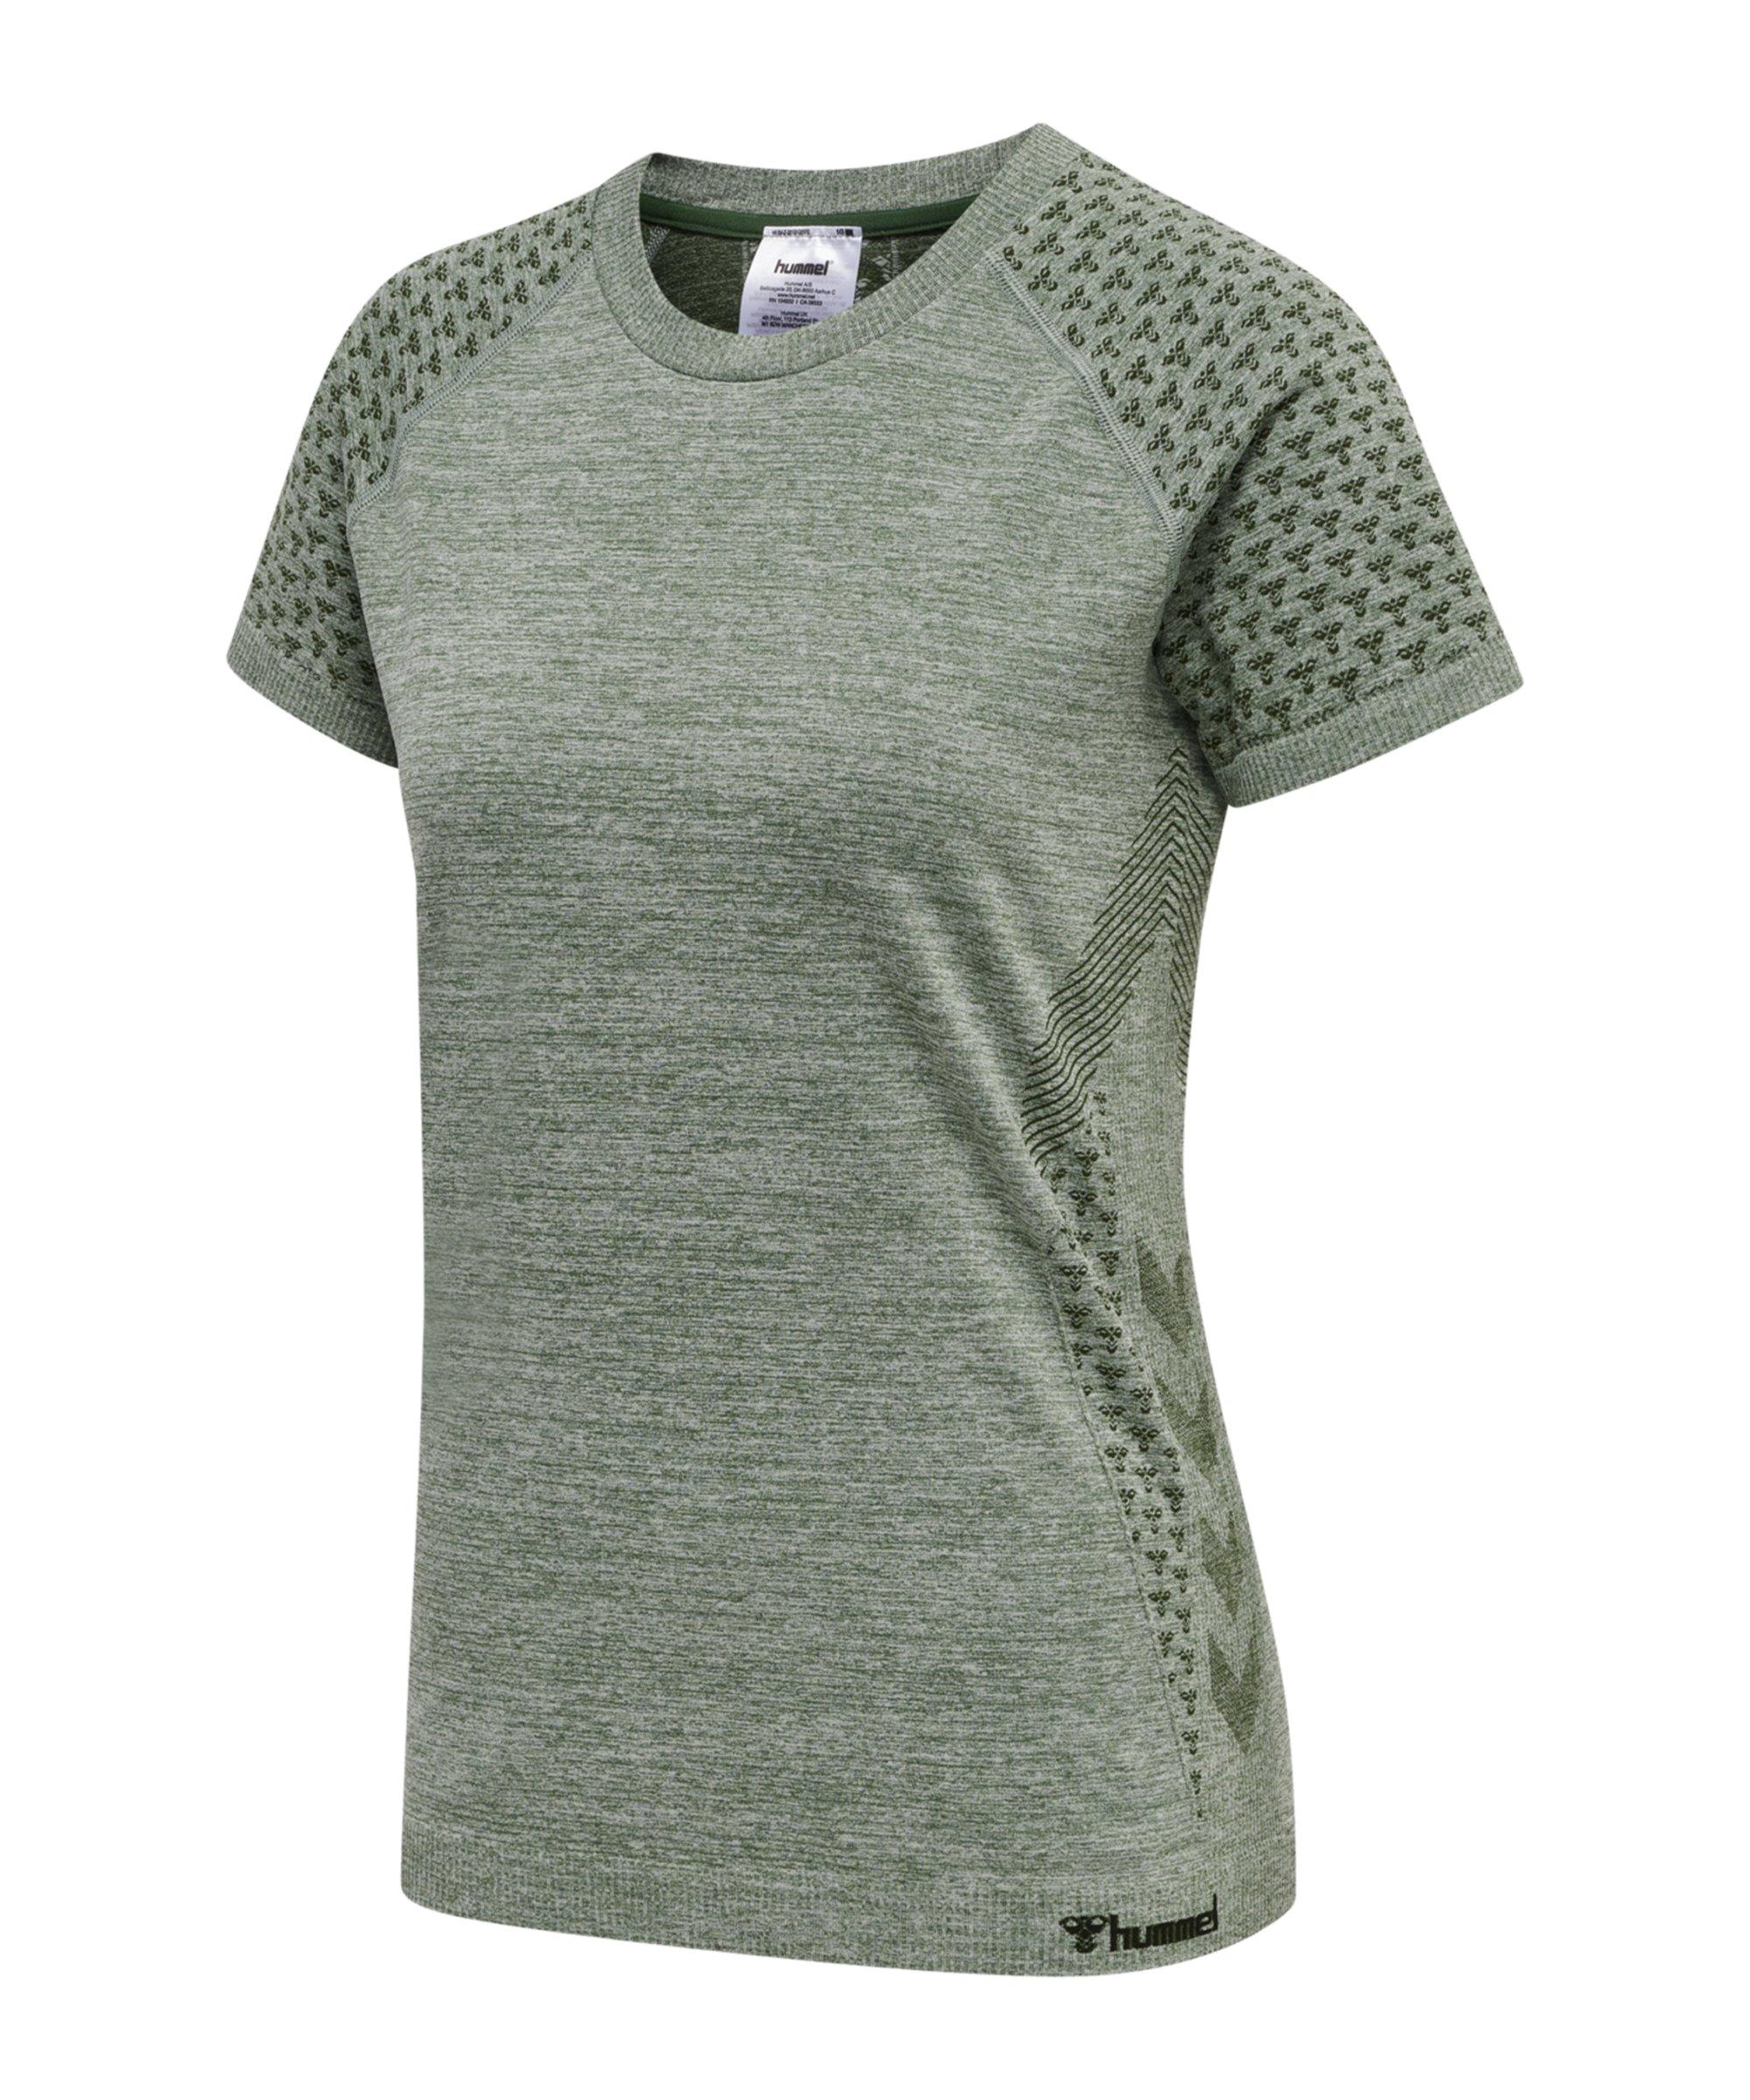 Hummel hmlci Seamless T-Shirt Damen F6361 - gruen